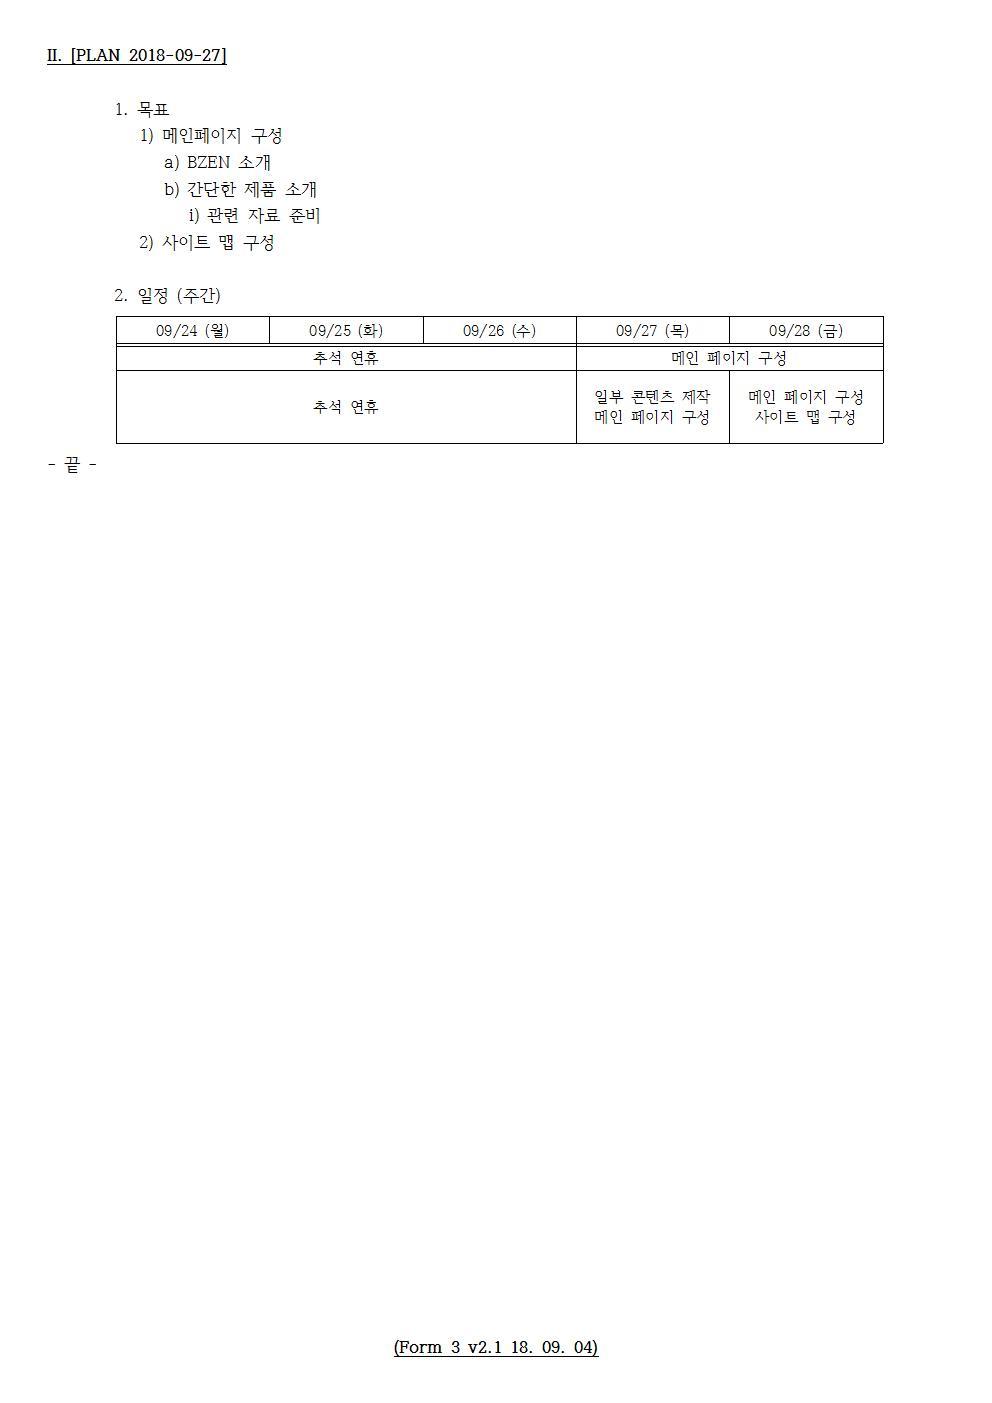 D-[18-047-BZ-07]-[BZEN HP v3.0]-[2018-09-27][JS]002.jpg